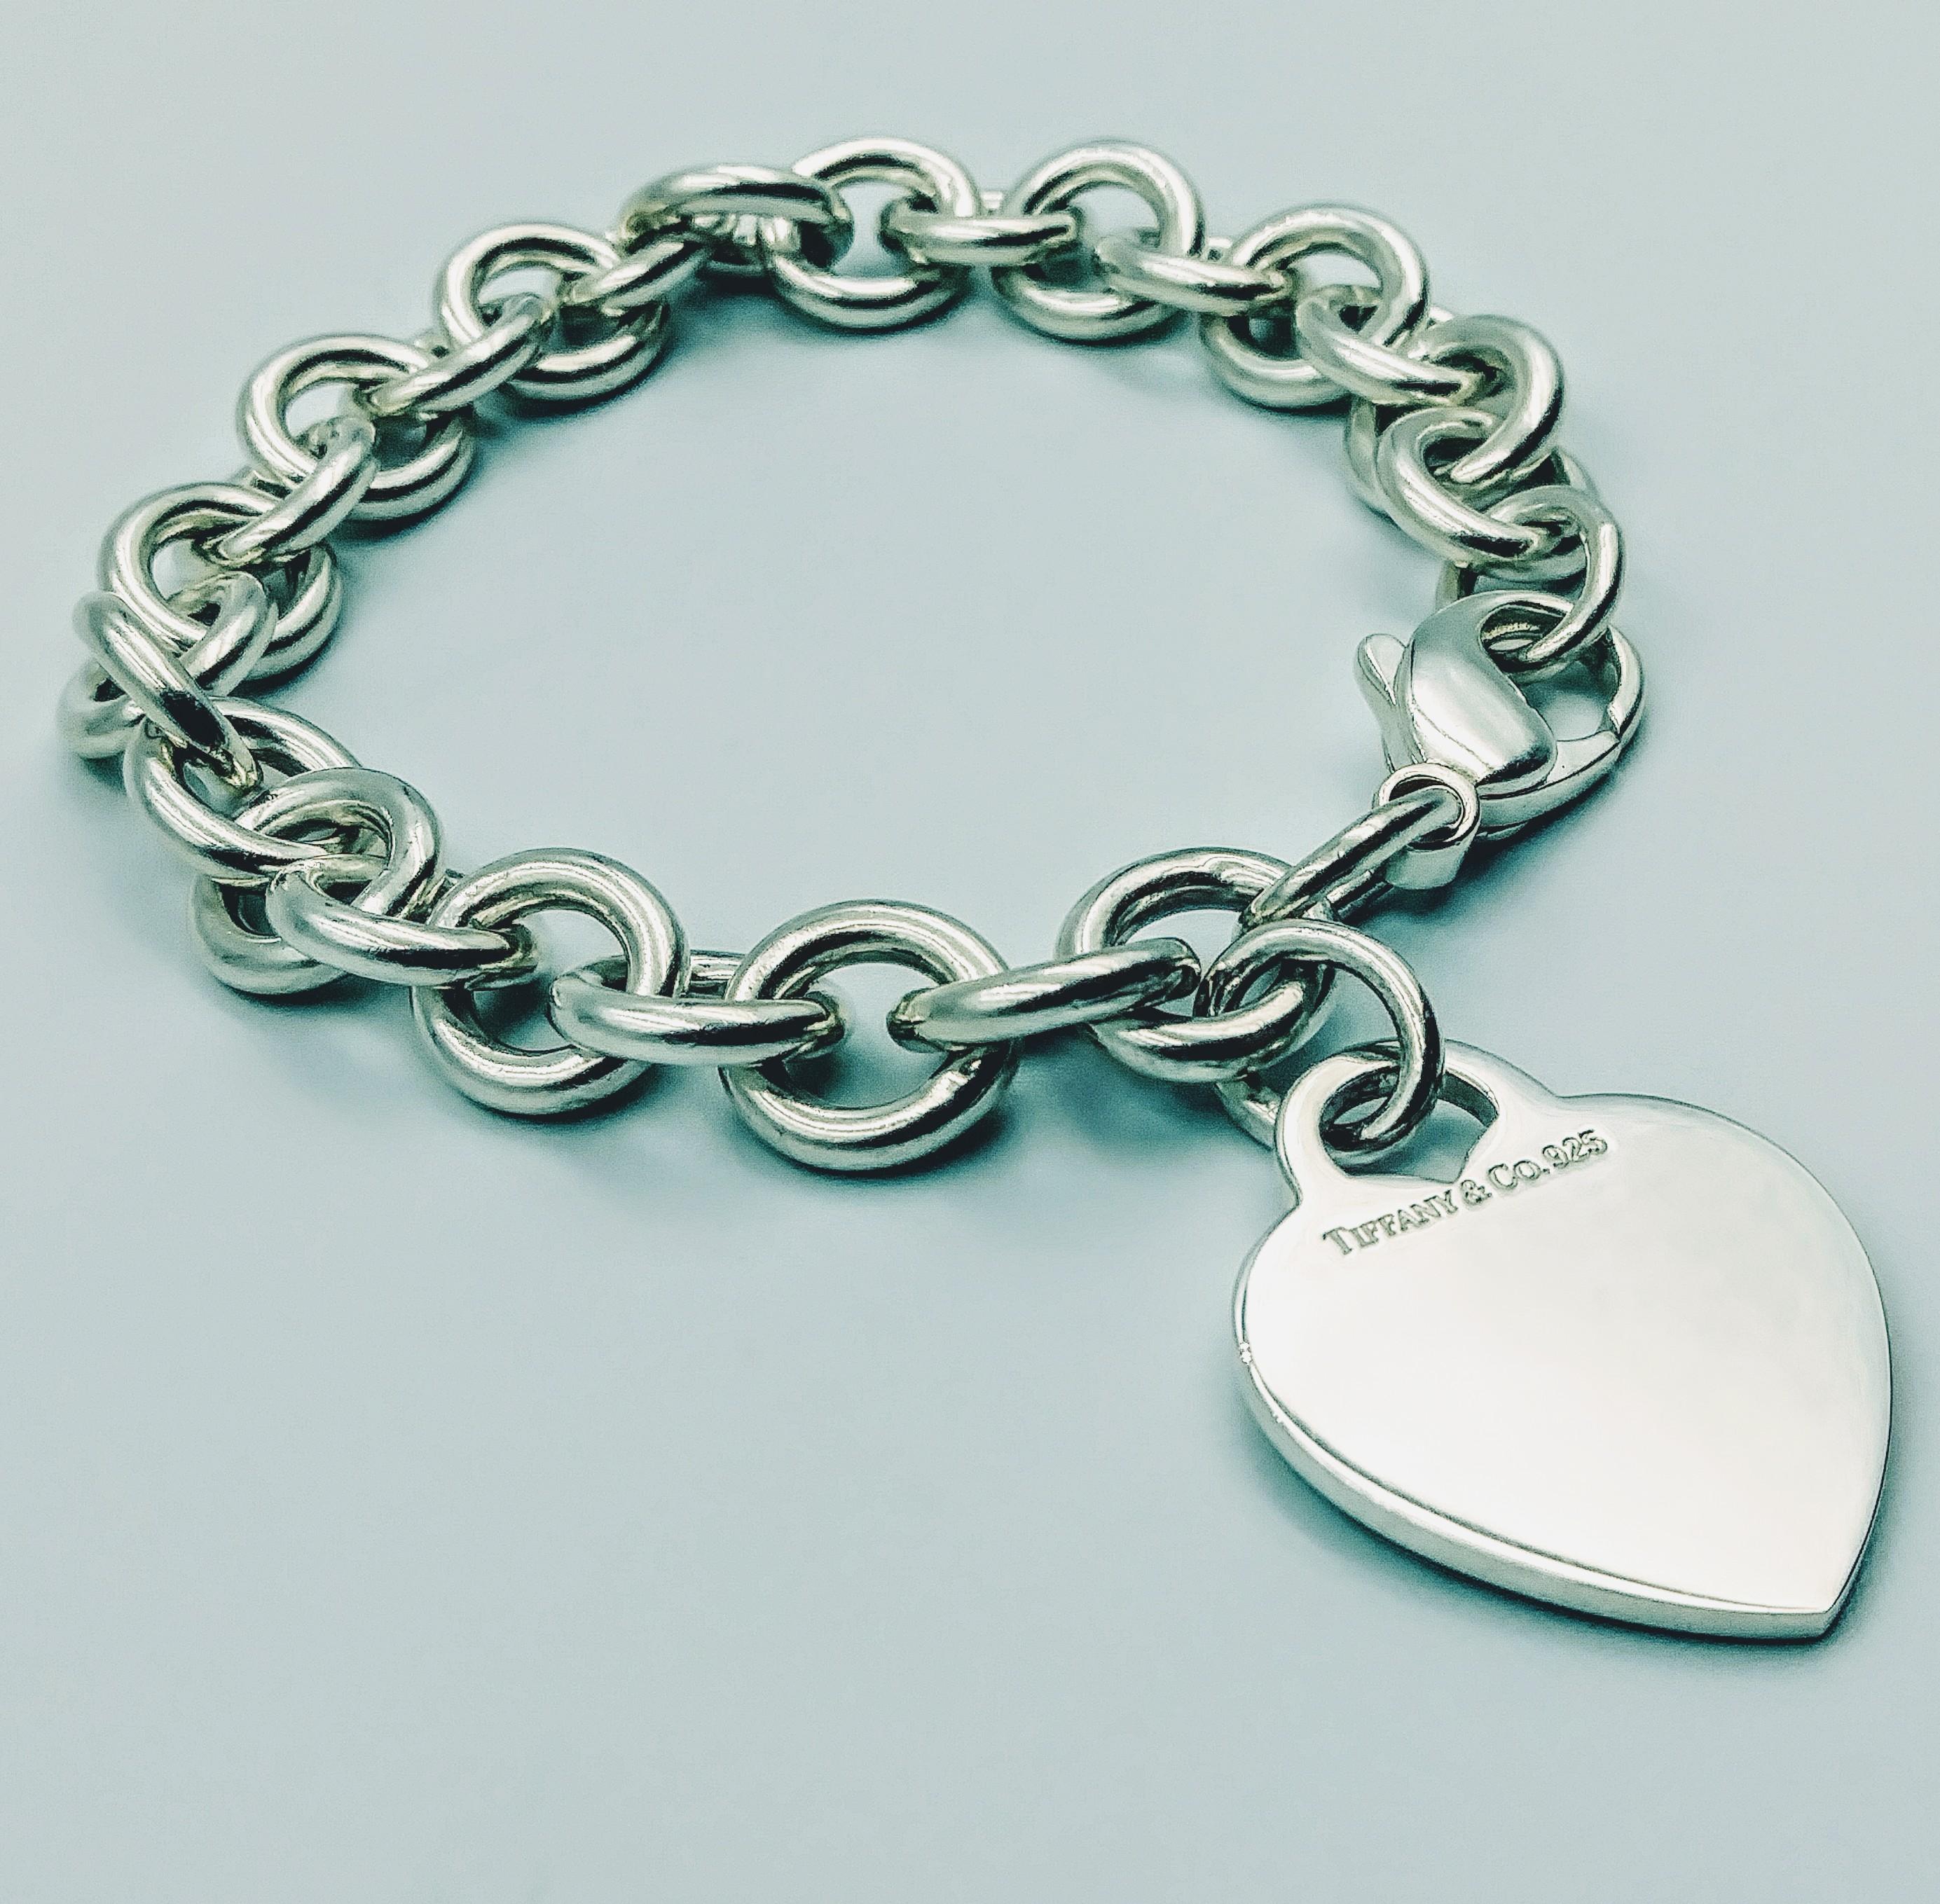 <b>Tiffany & Co.</b> Heart Charm 925 Sterling Silver Bracelet  8.5